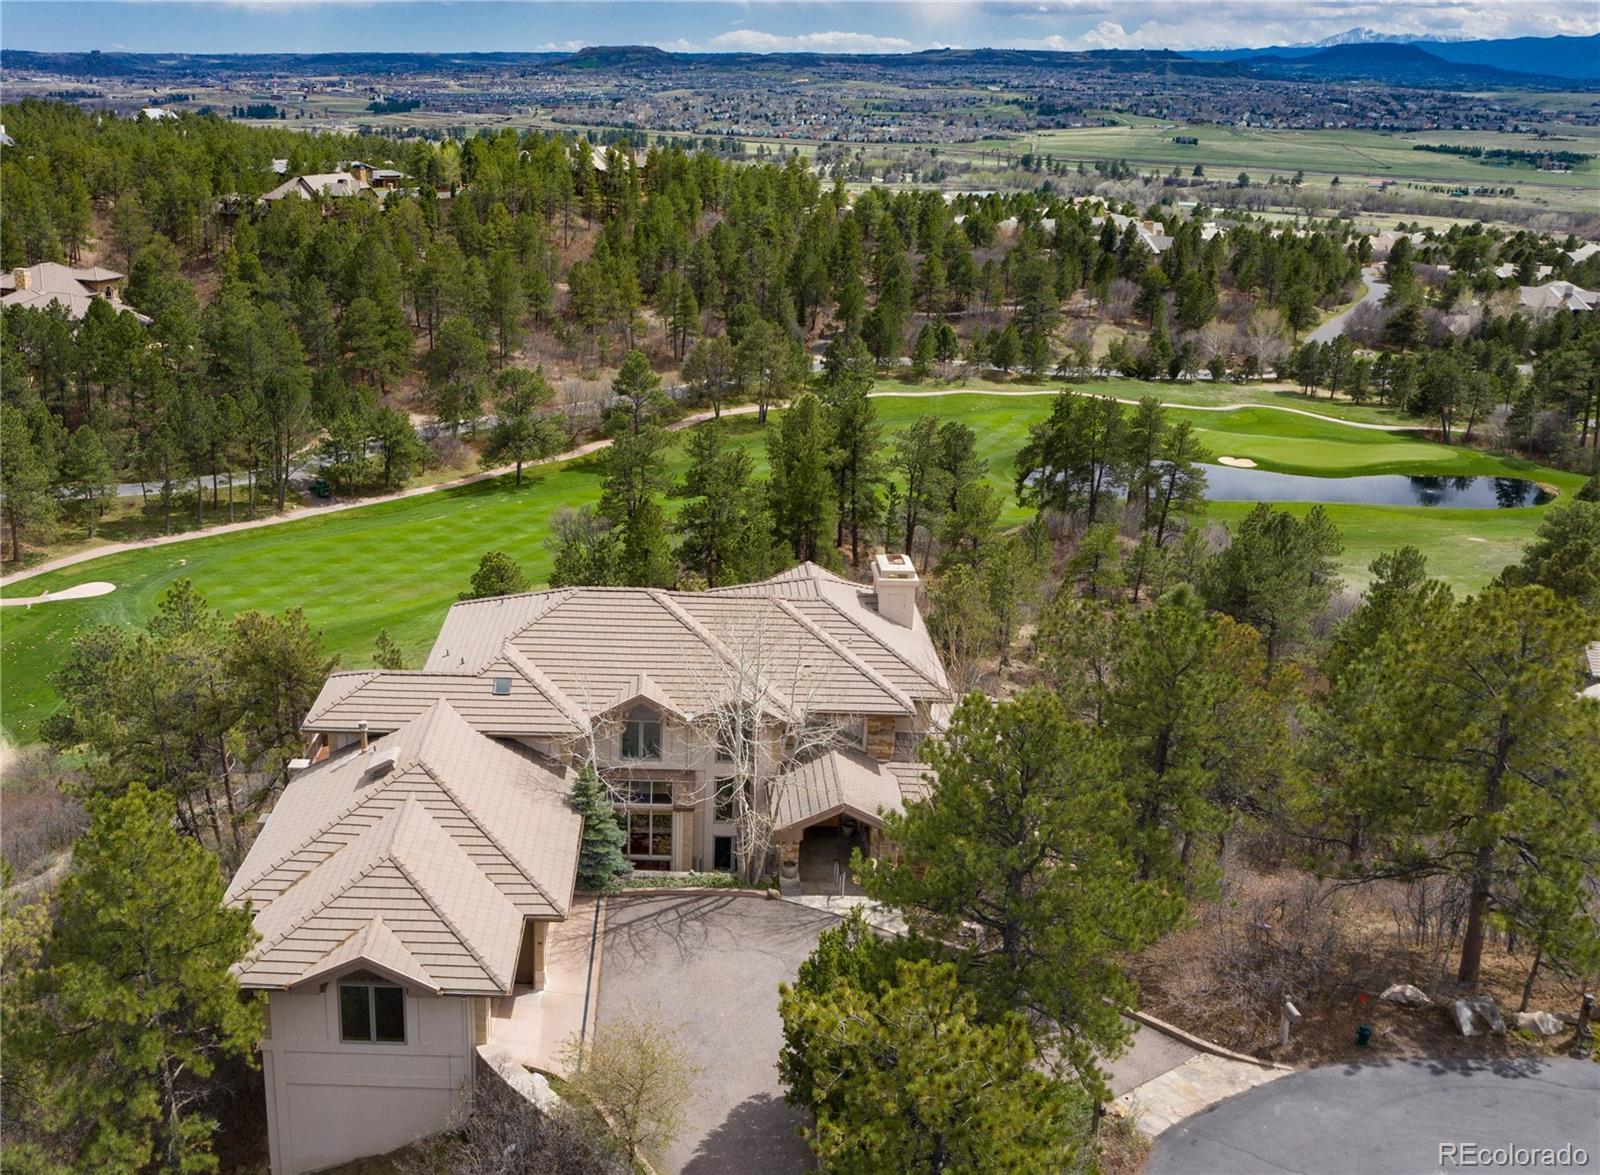 100 Coulter Place, Castle Rock, CO 80108 - Castle Rock, CO real estate listing